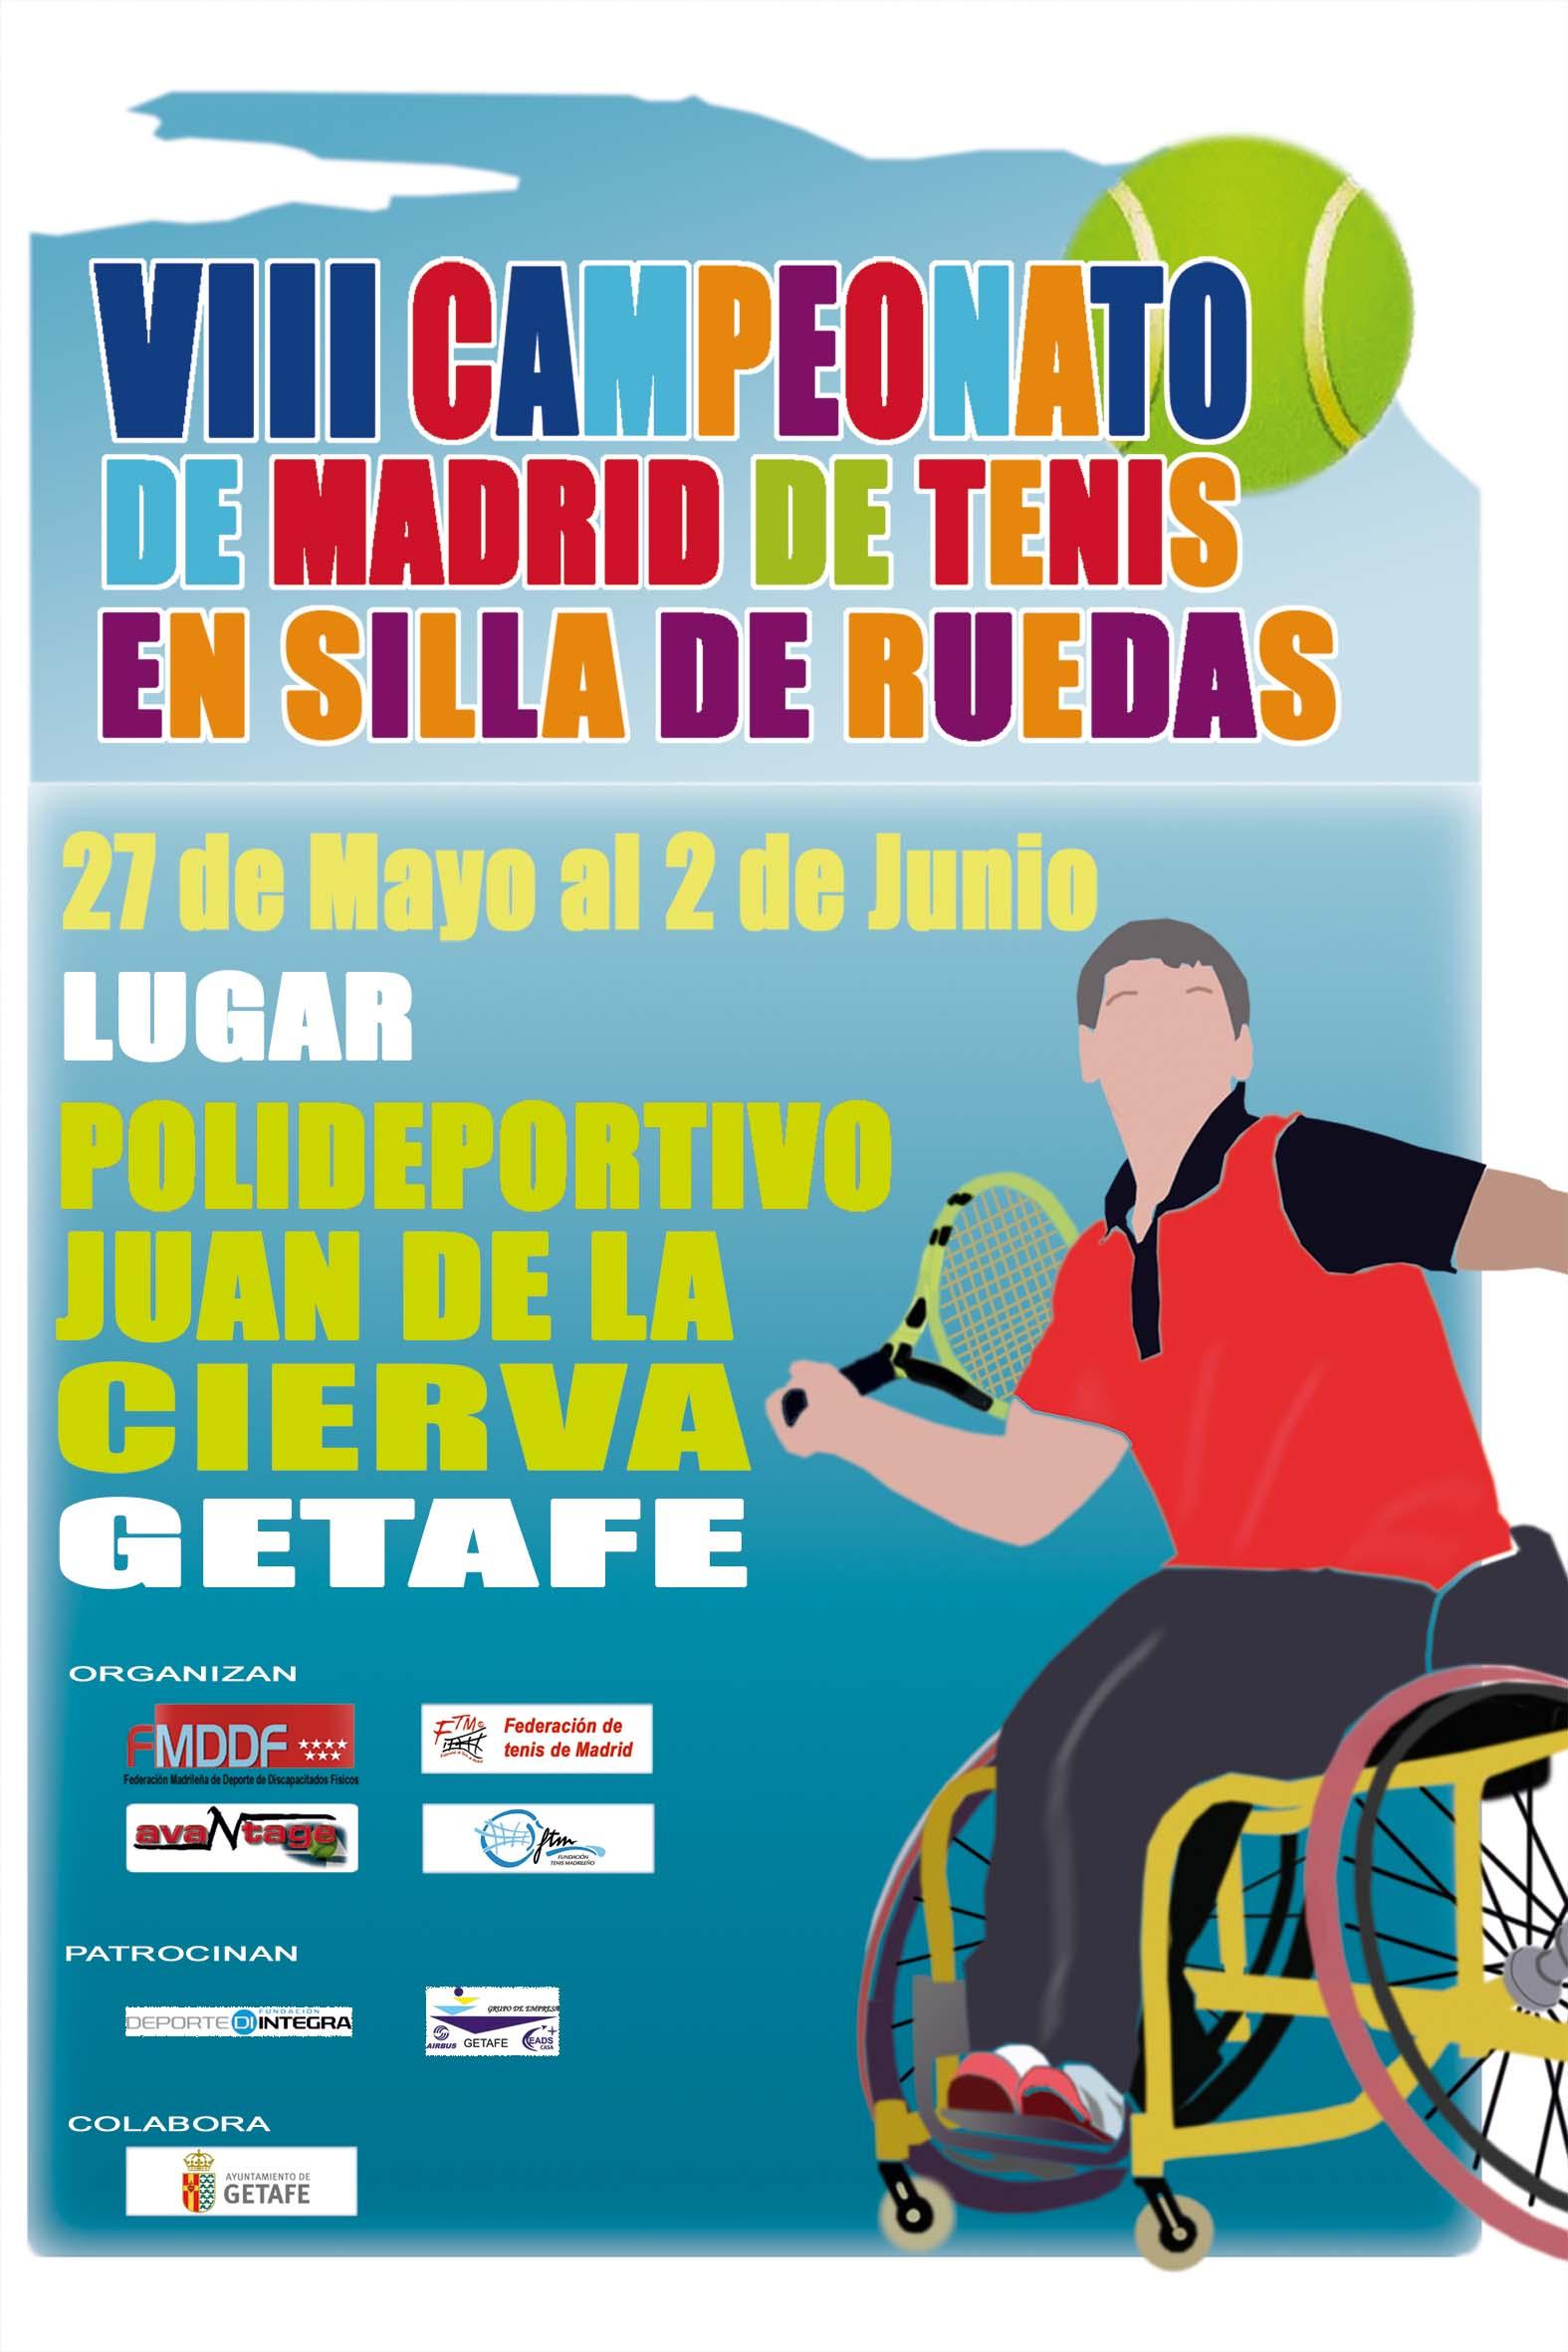 VIII Campeonato de Madrid de Tenis en Silla de Ruedas